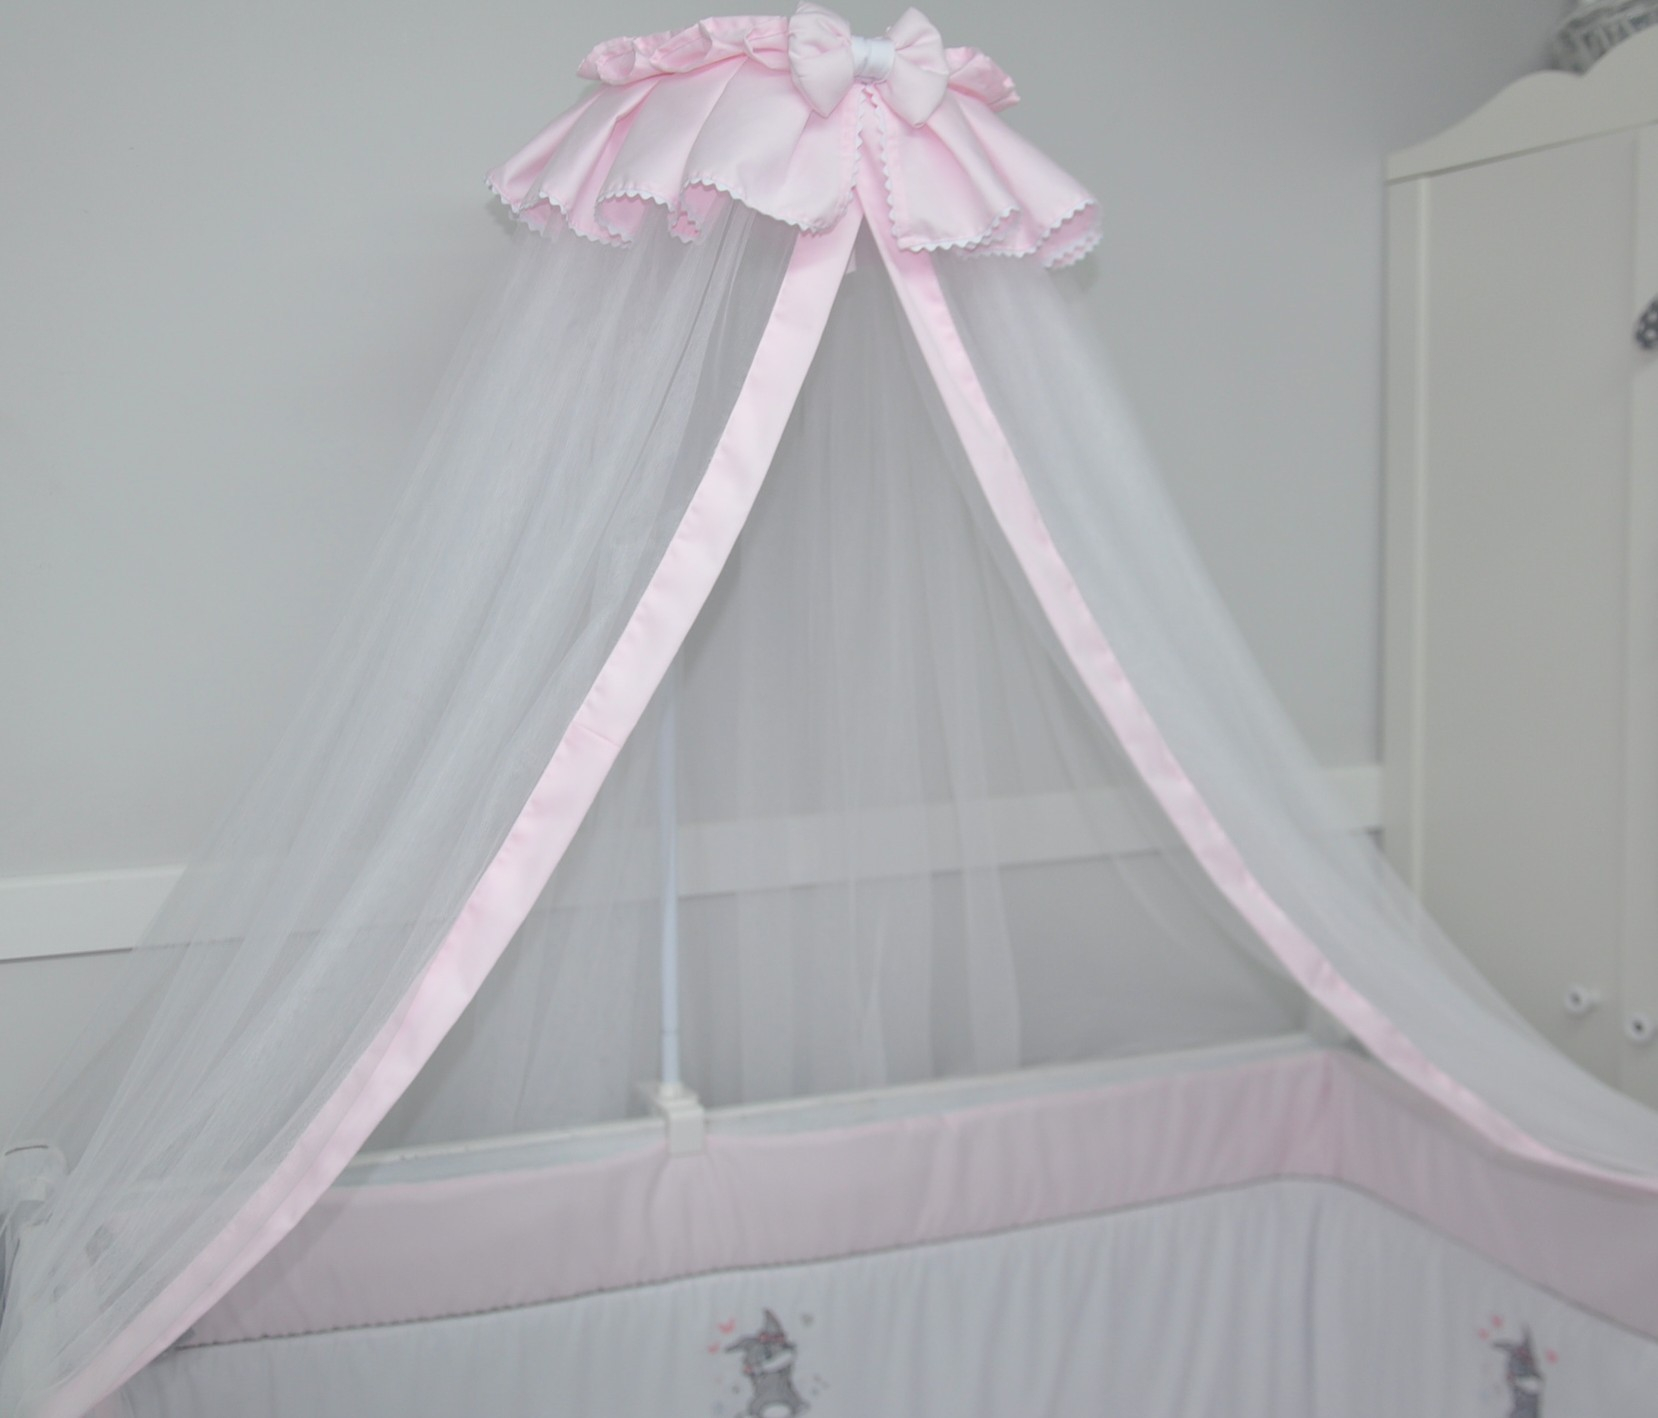 Comment choisir son ciel de lit rose poudré ?